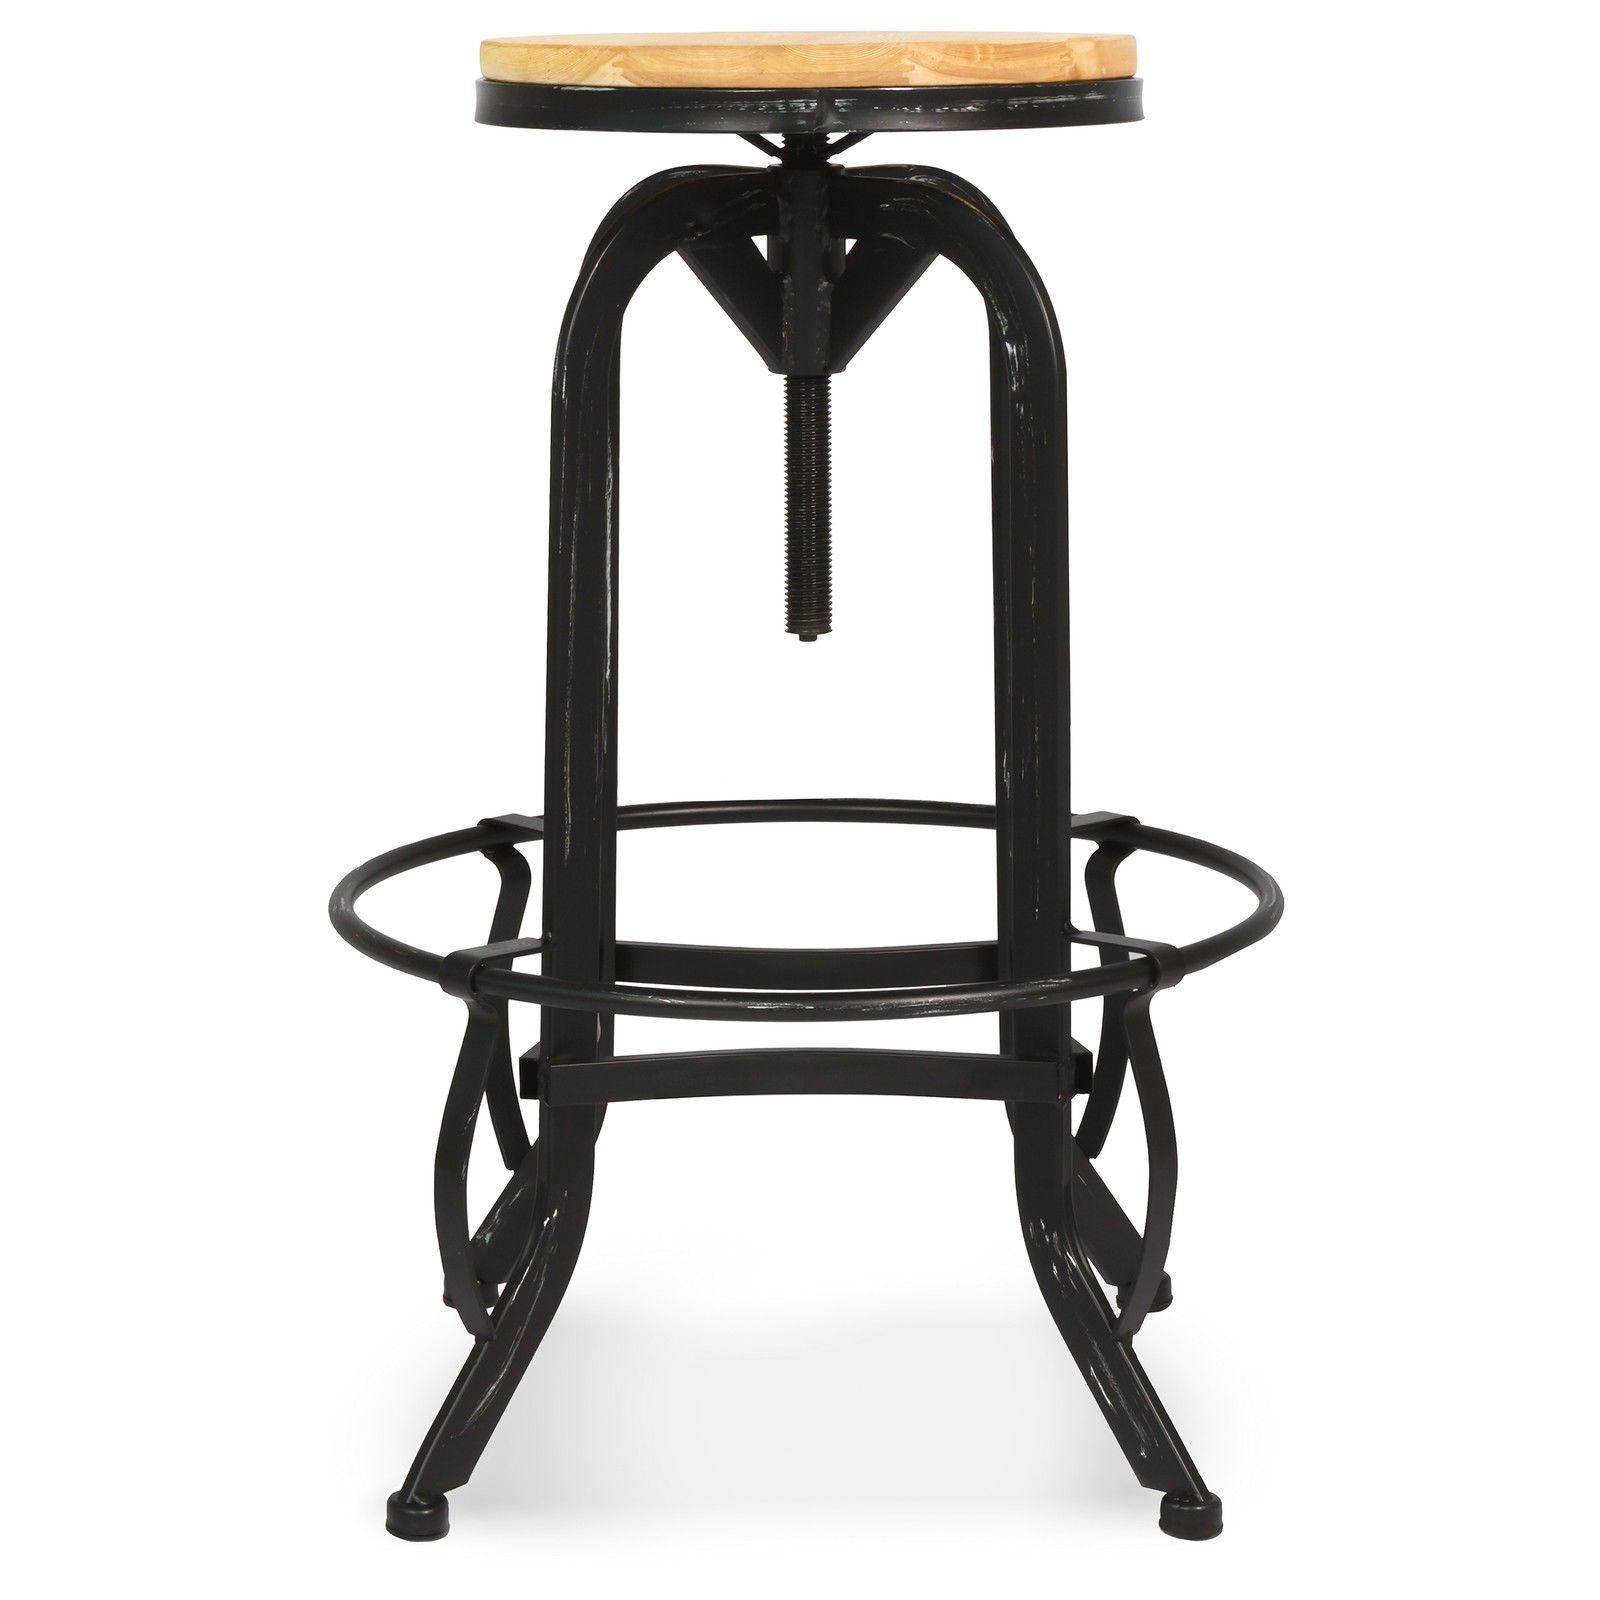 Design De Bois Industriel Hauteur Métal Bar Tabouret Vintage hdrtCsQ